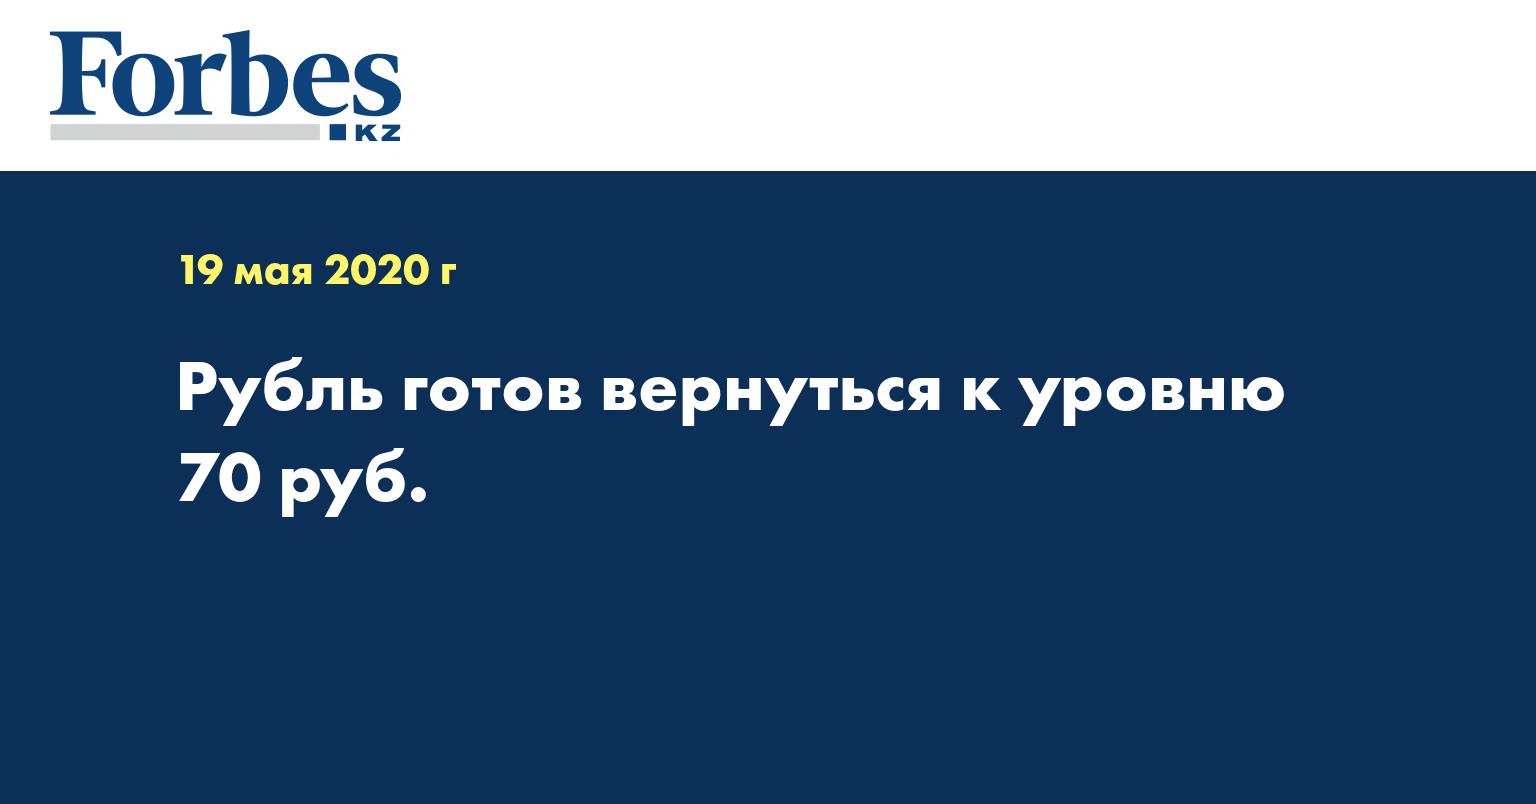 Рубль готов вернуться к уровню 70 руб.